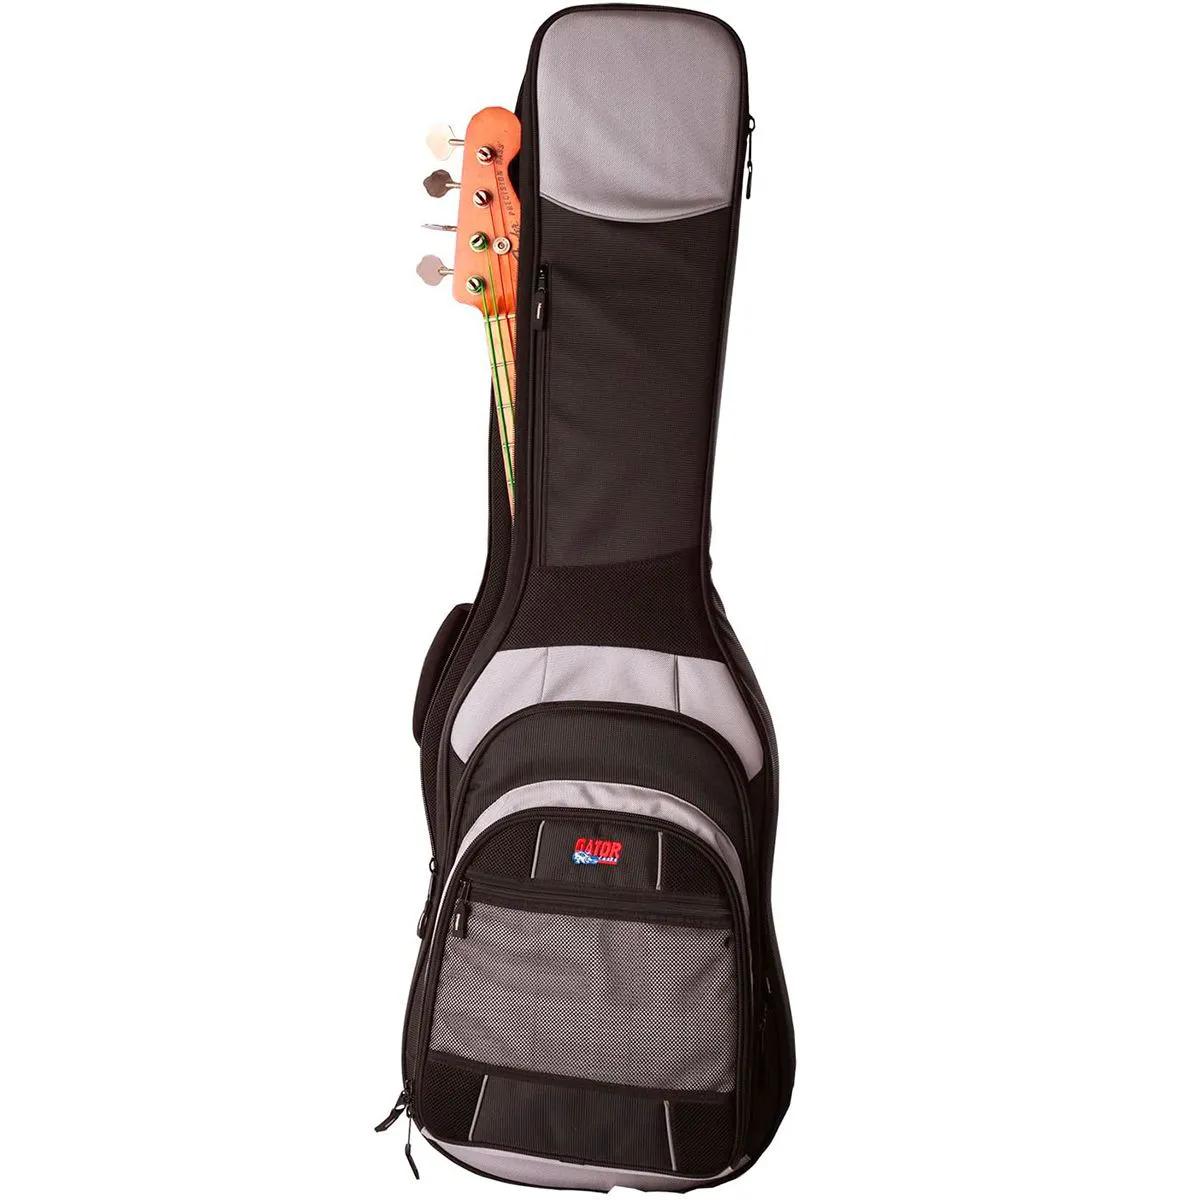 Bag Gator G-COM-BASS Serie Premium para Contrabaixo